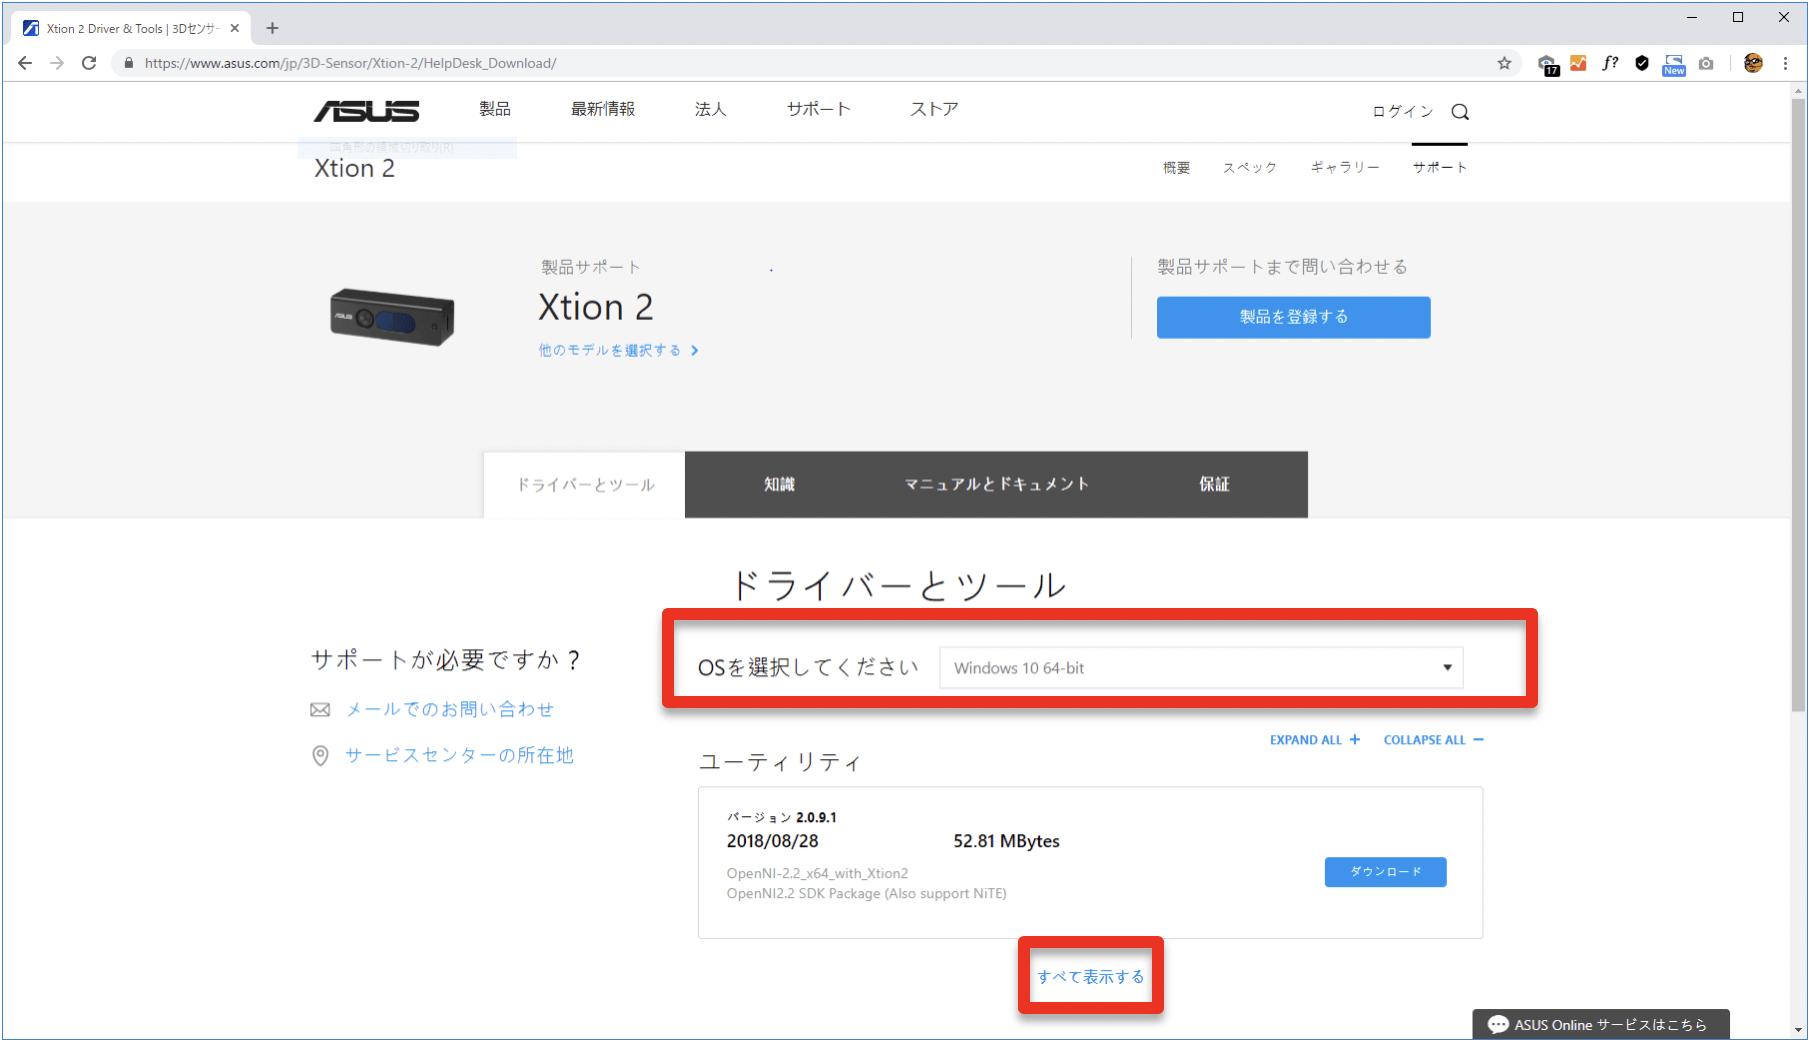 「ドライバーとツール」内「Windows 10 64-bit」を選択し「すべて表示する」をクリック